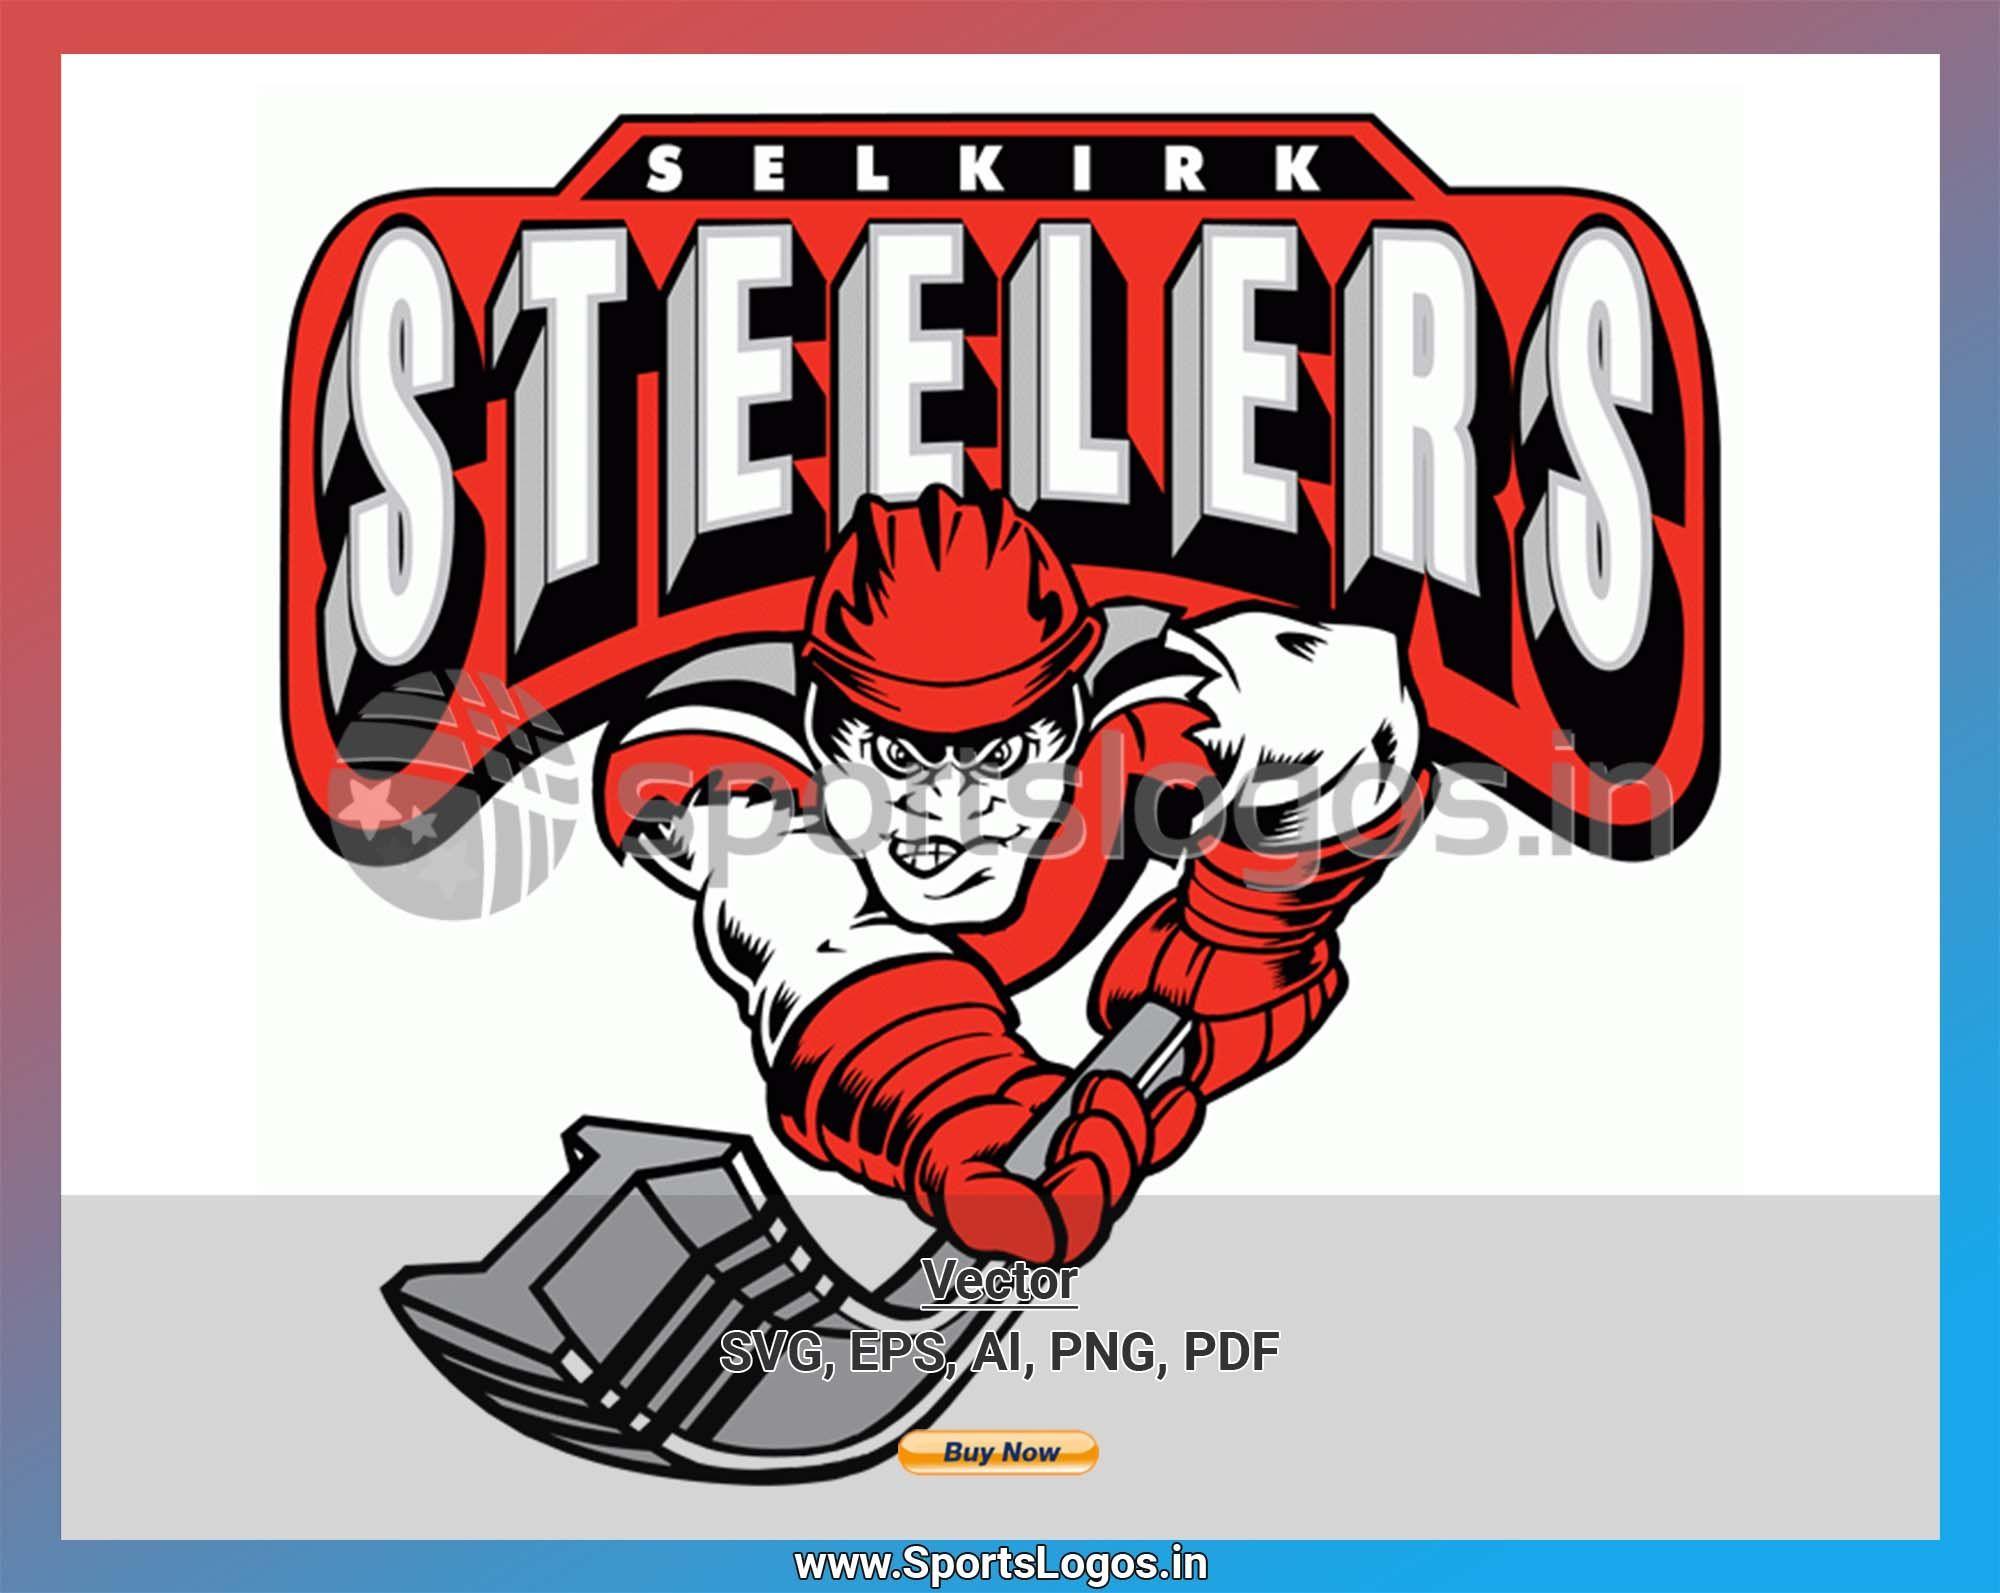 Selkirk Steelers 1998/99, Manitoba Junior Hockey League